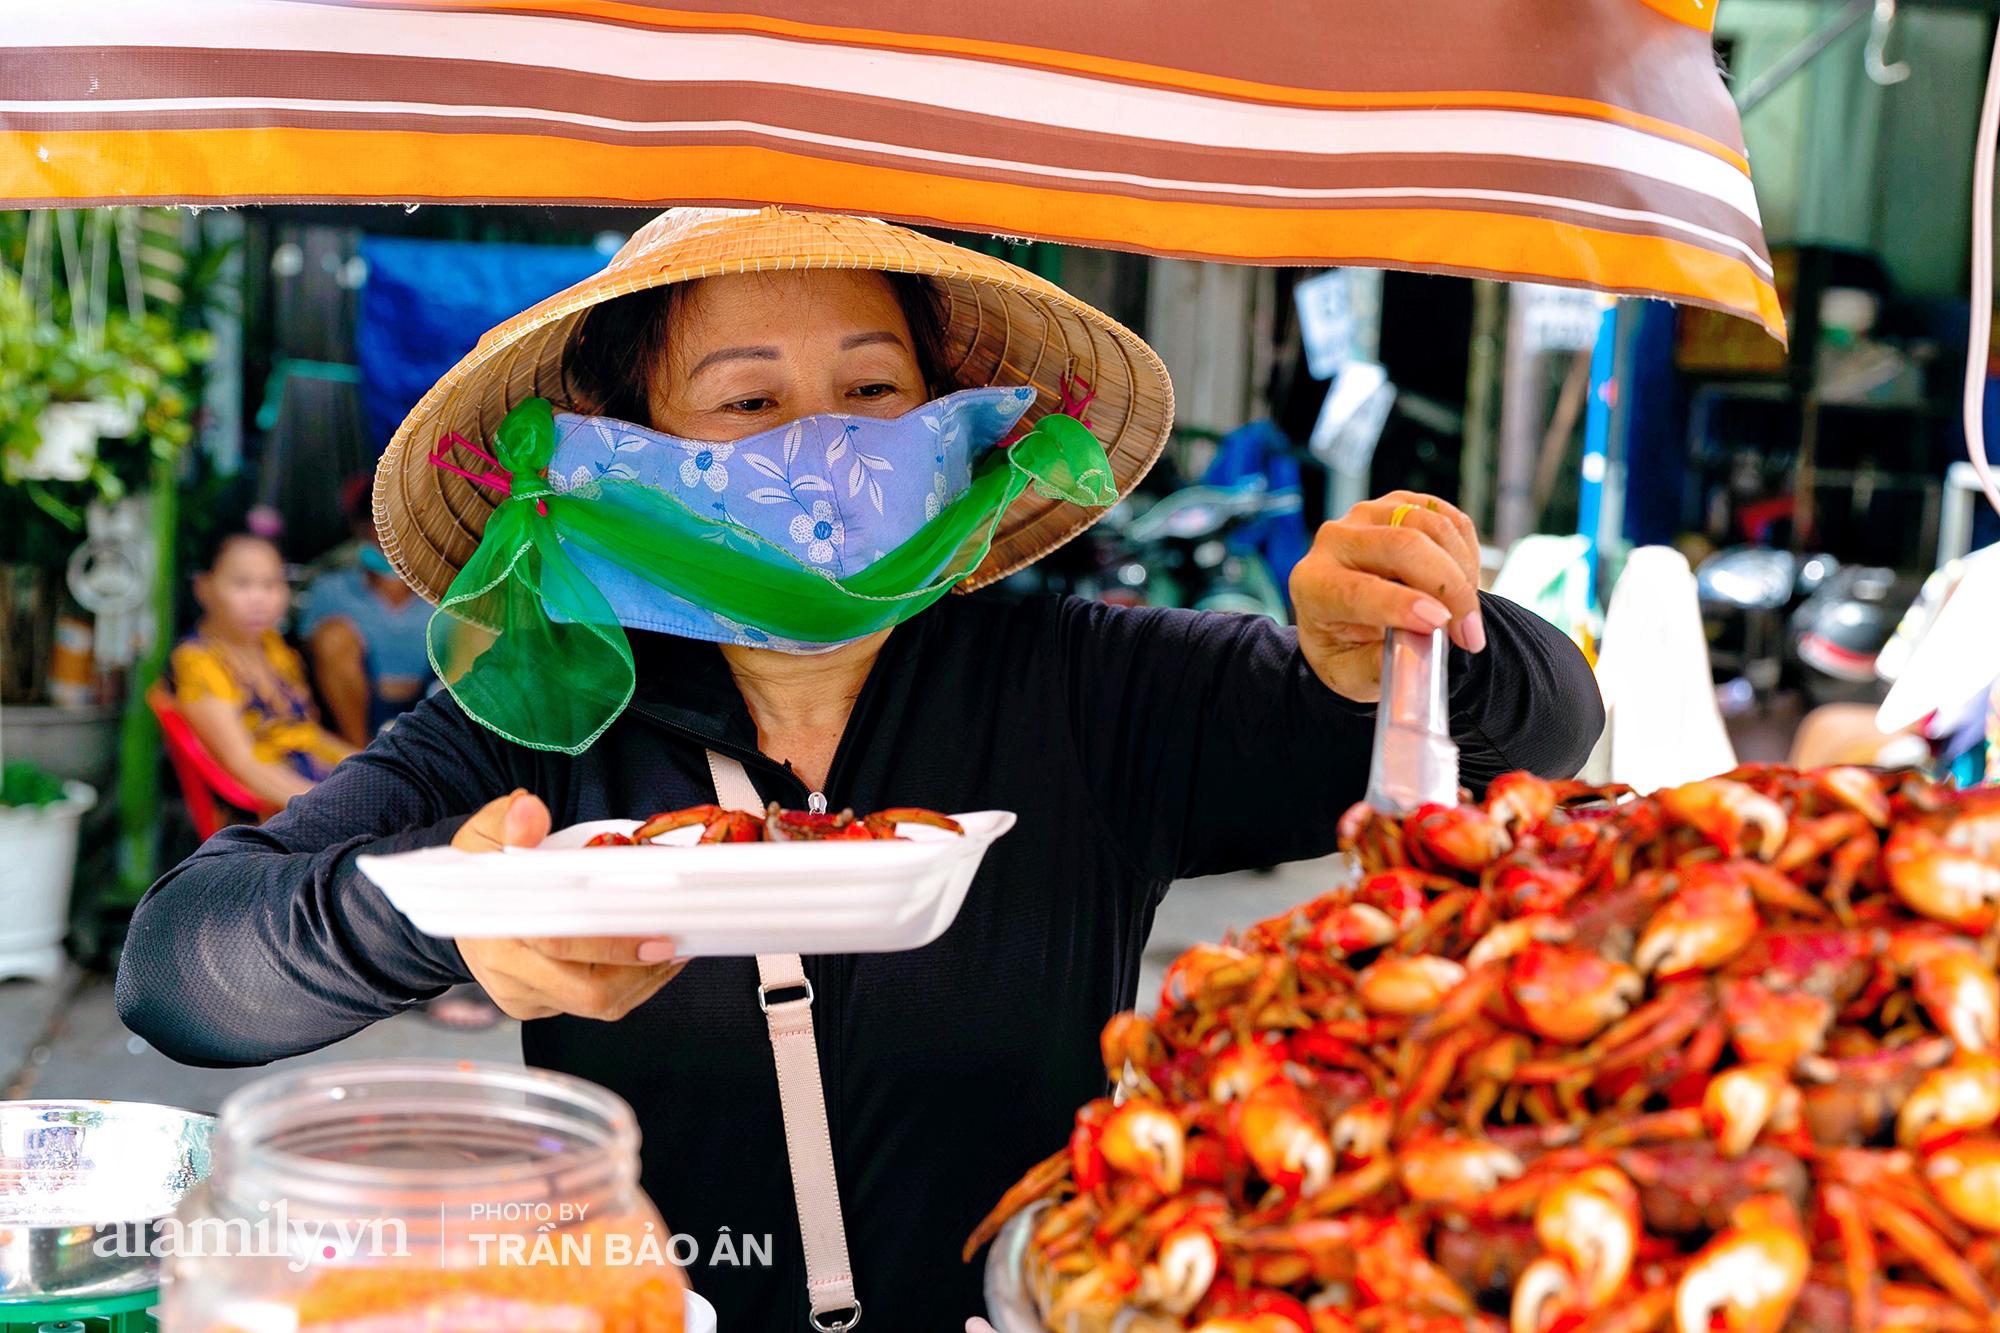 """Mâm ba khía hấp Cà Mau giúp bà chủ mỗi tháng """"nhẹ nhàng"""" kiếm 400 triệu dù trong mùa dịch, cả Sài Gòn tìm """"đỏ con mắt"""" cũng khó có mâm thứ hai - Ảnh 3."""